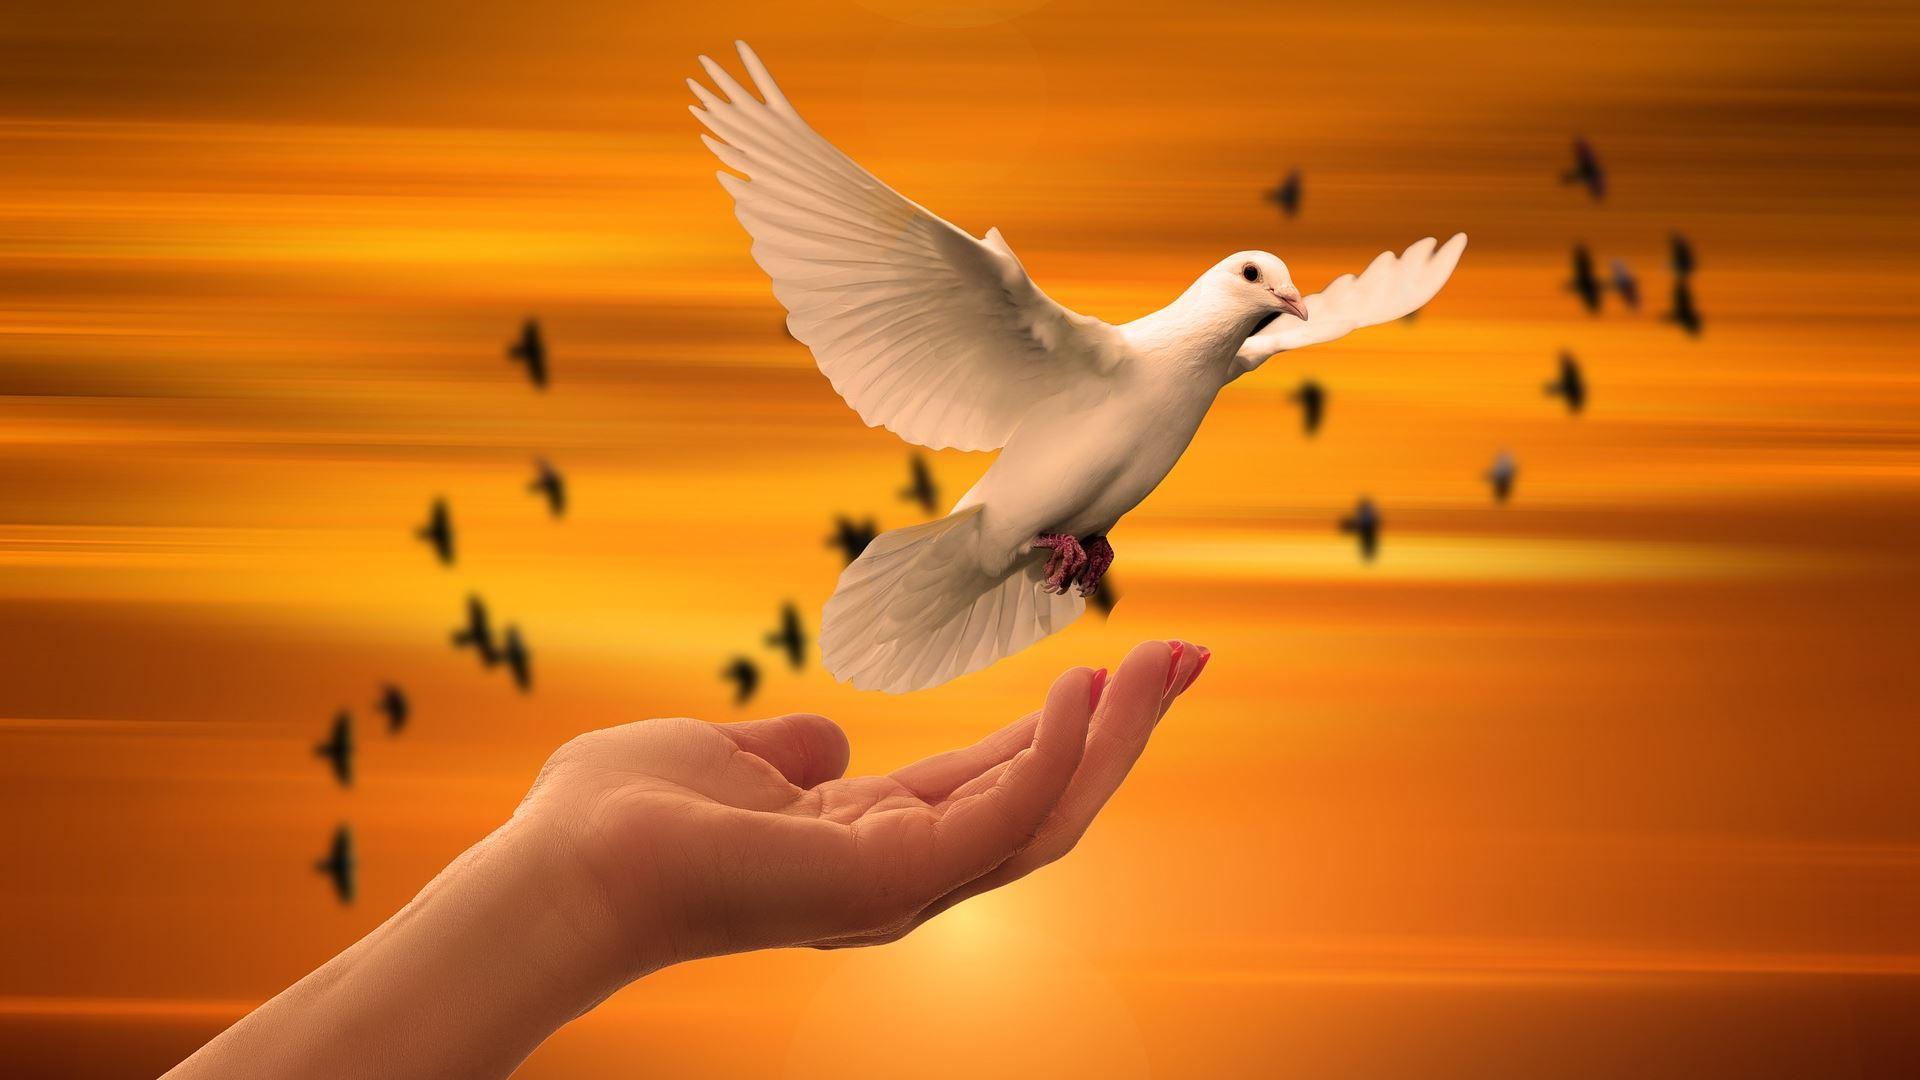 innerlijk vrij - vrijheid - freedom